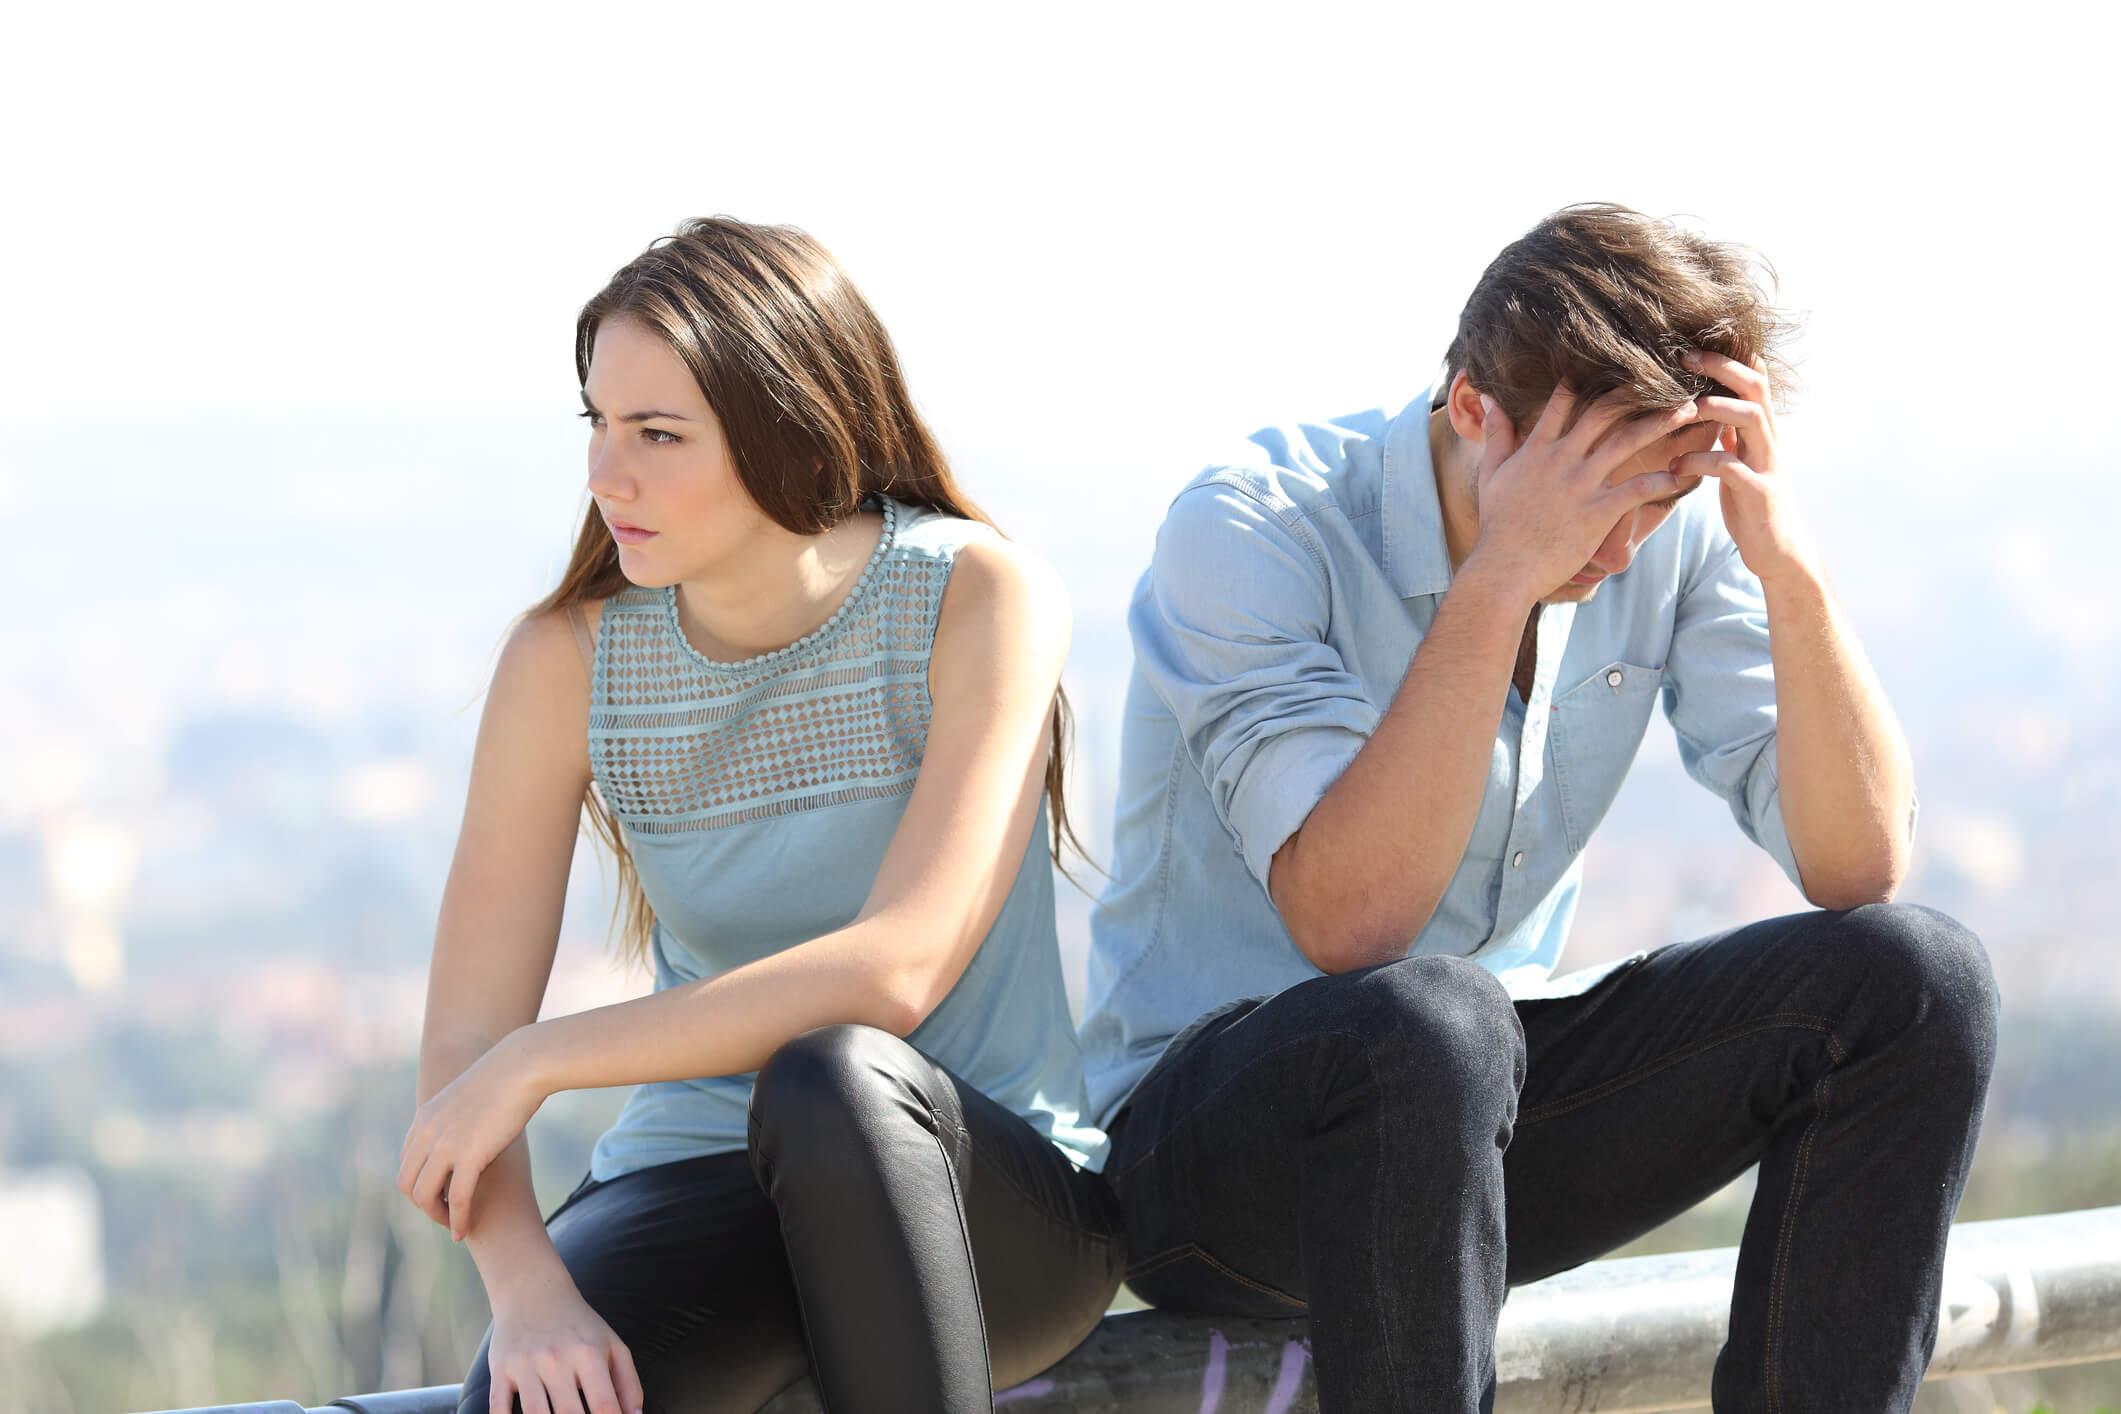 foto divorcio gettyimages ()